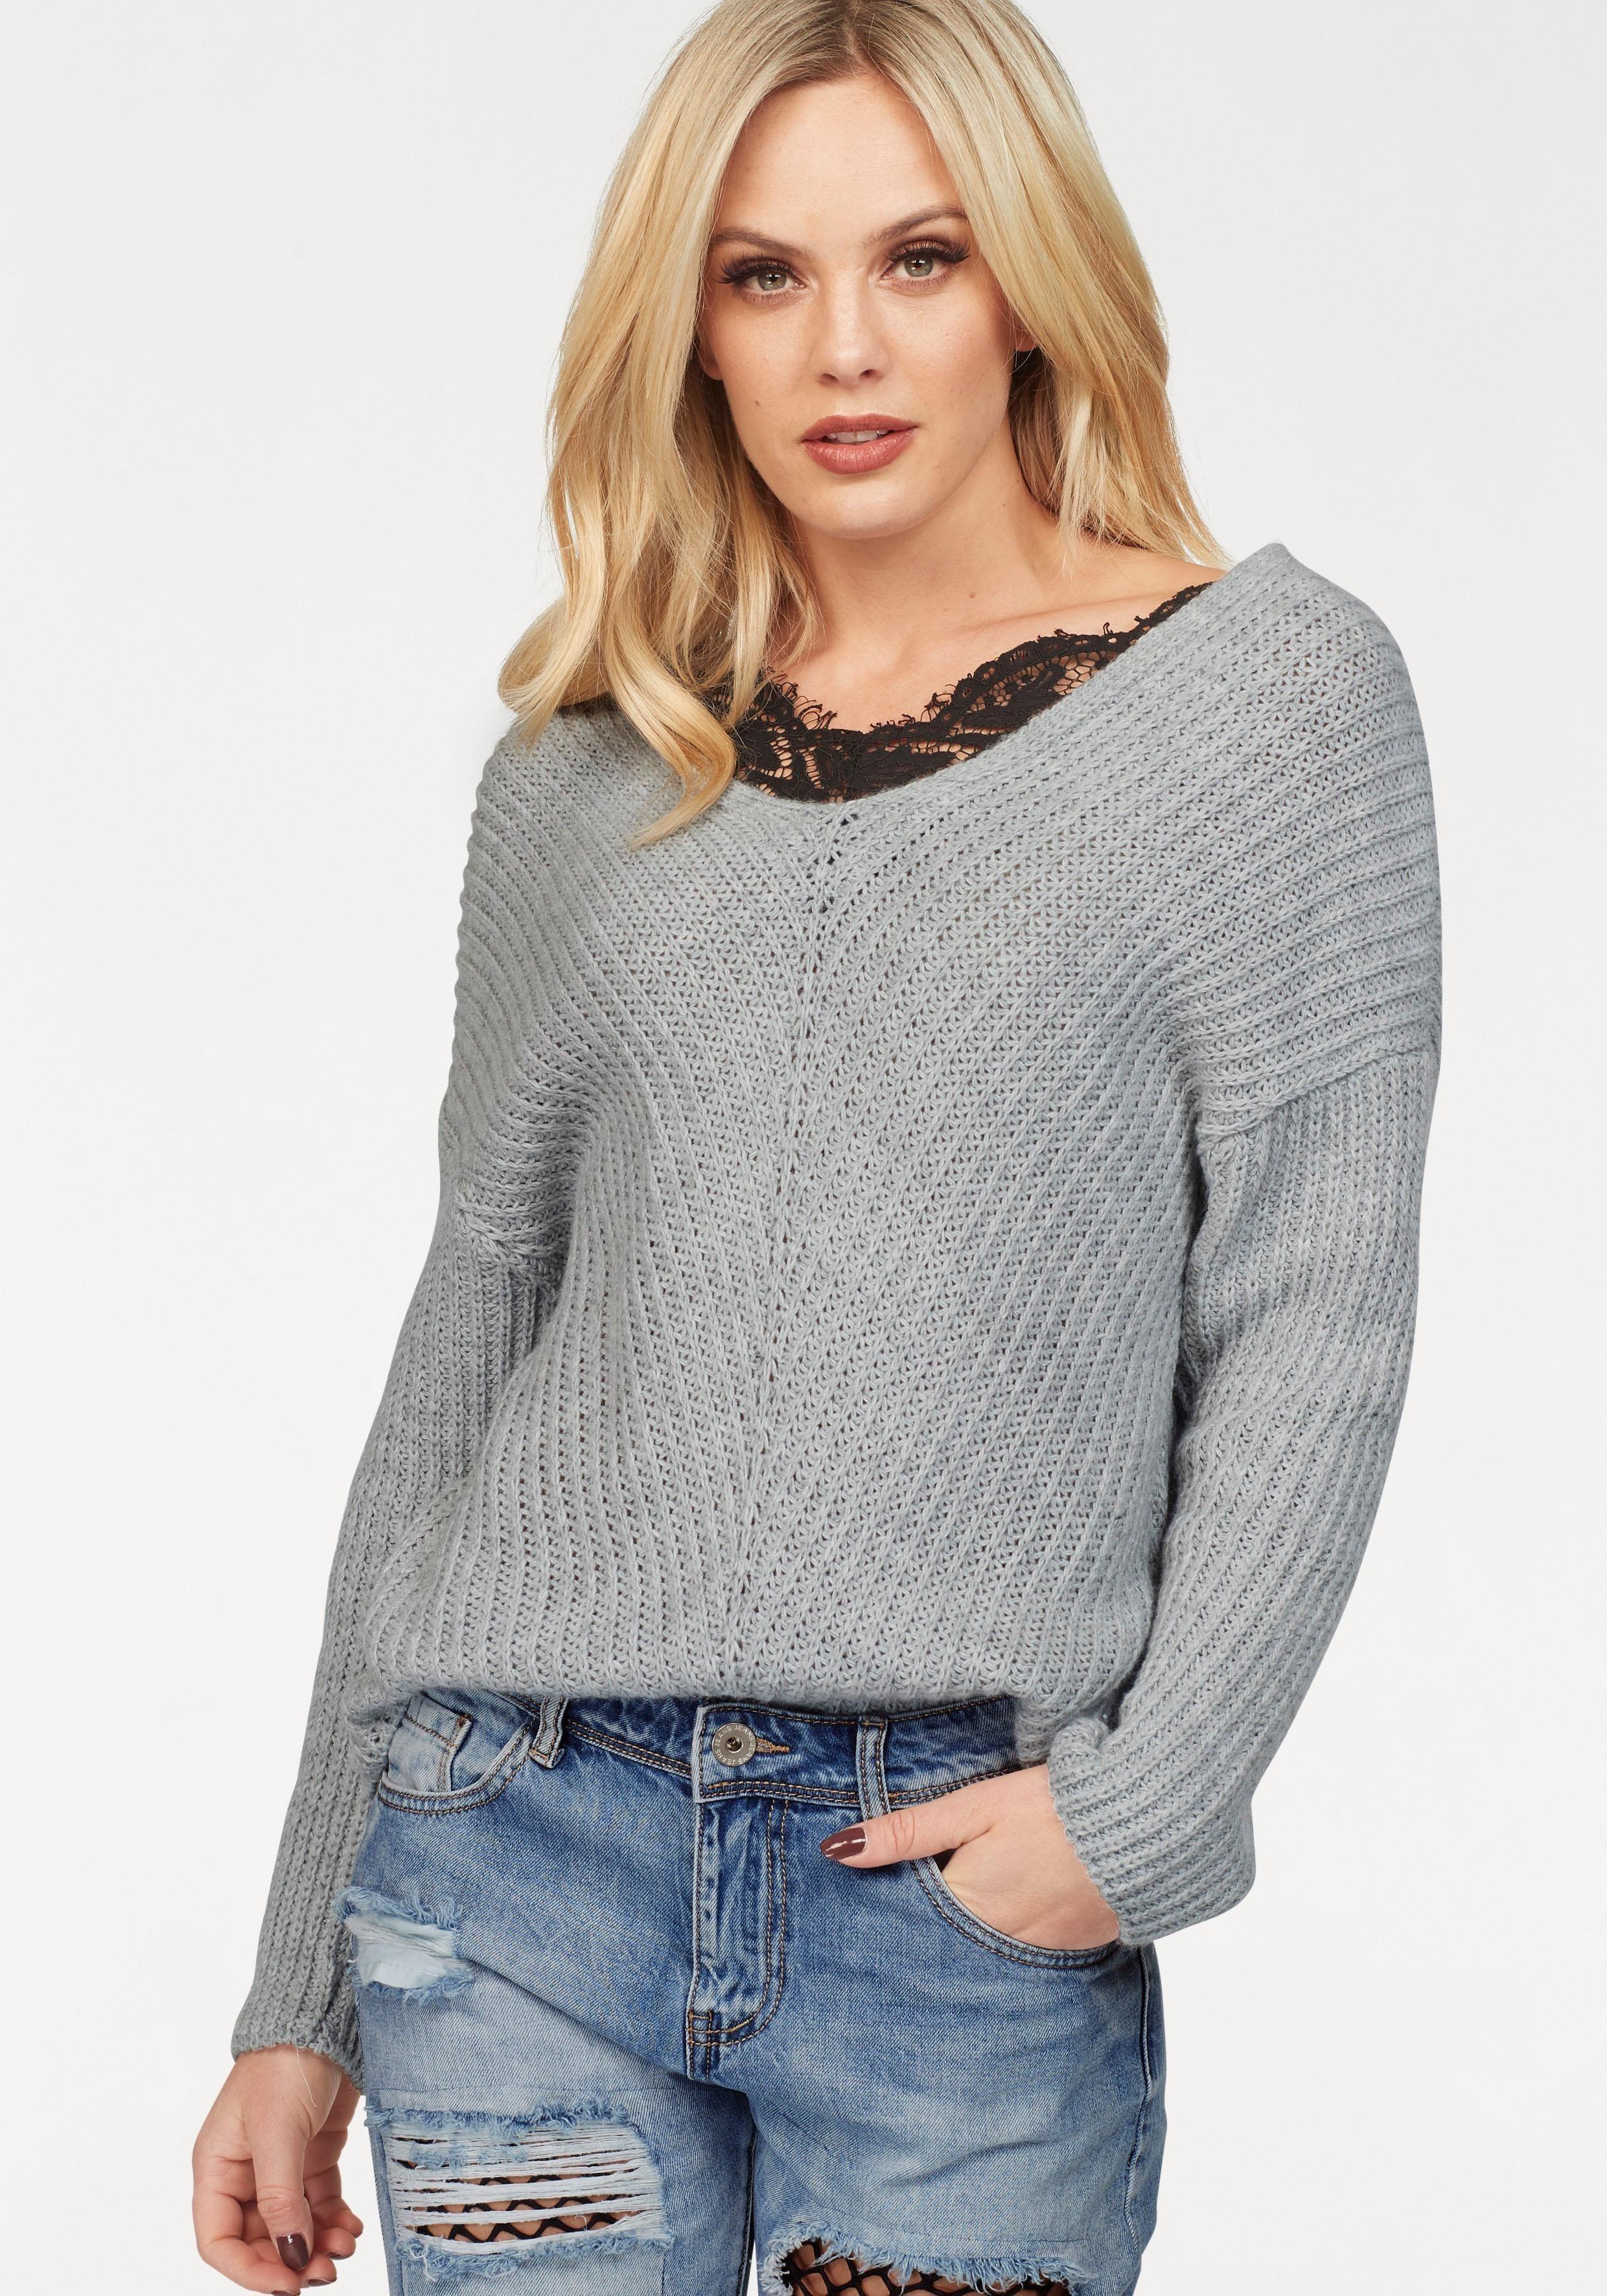 grauer Strick Oversize Pullover von Hailys   Wo zu kaufen und wie zu ... a04174de41